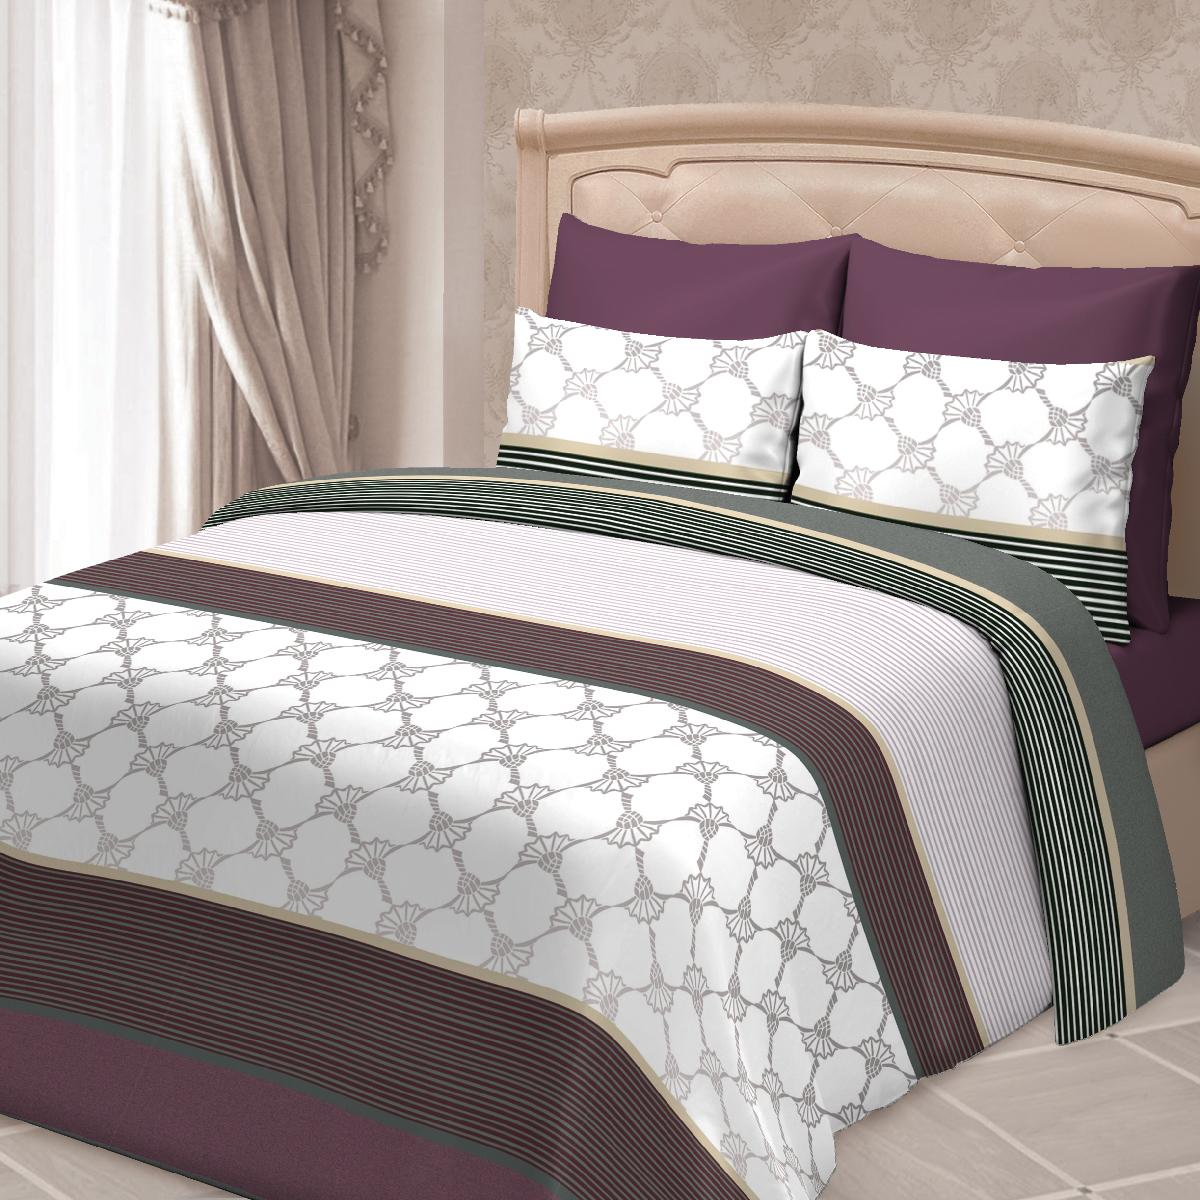 Комплект белья Сорренто Селестия, семейный, наволочки 70х70, цвет: бордовый комплекты белья